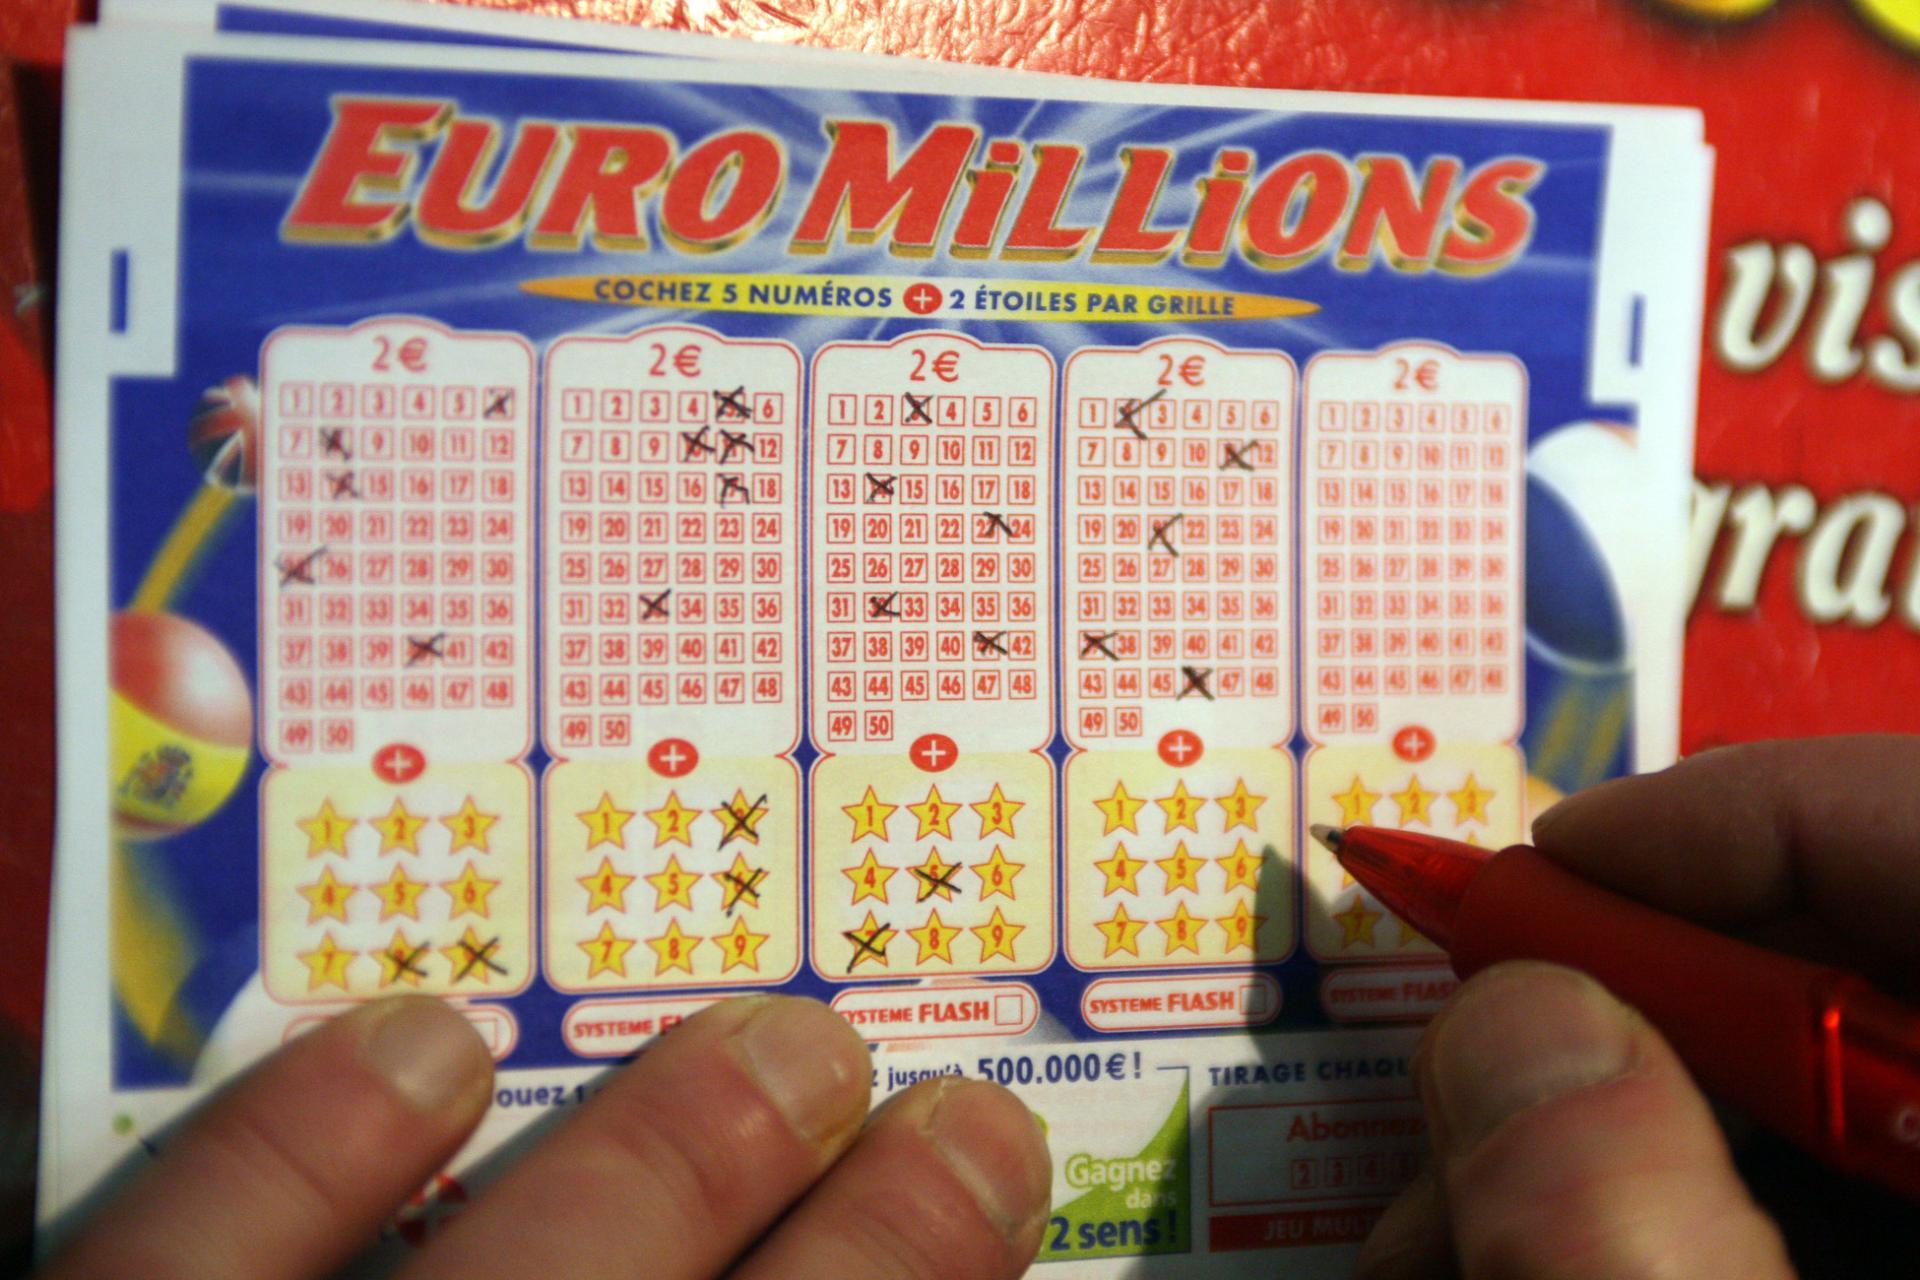 Euro Millions Les Numéros Et Les étoiles Les Plus Tirés